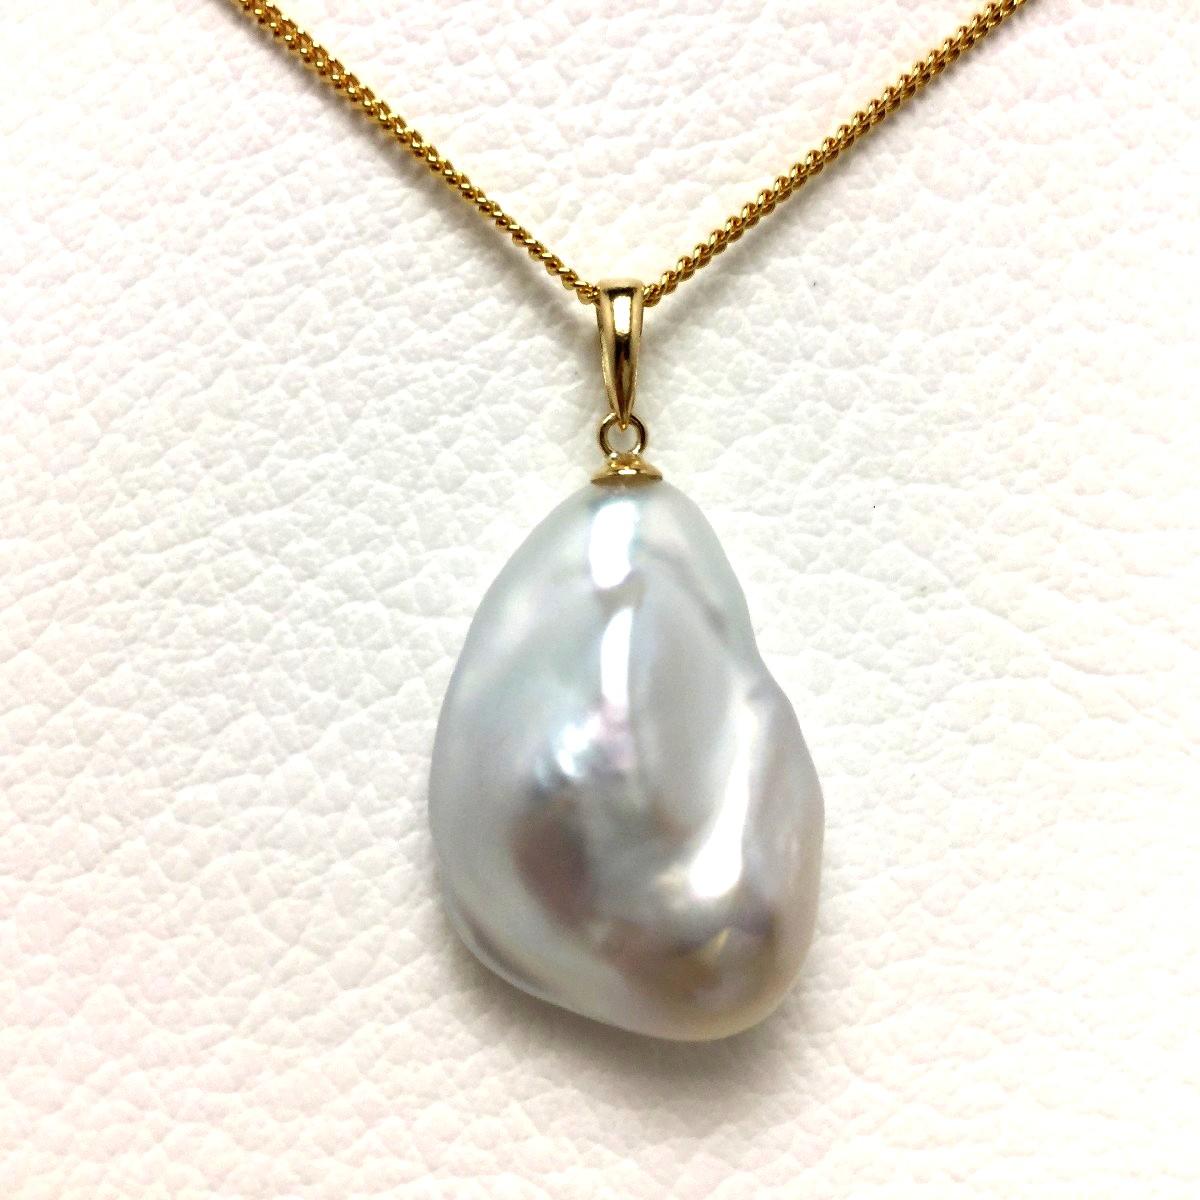 【10%OFF】真珠 ペンダントトップ パール 淡水真珠 16.2×23.5mm ホワイトピンク K18 イエローゴールド 66046 イソワパール